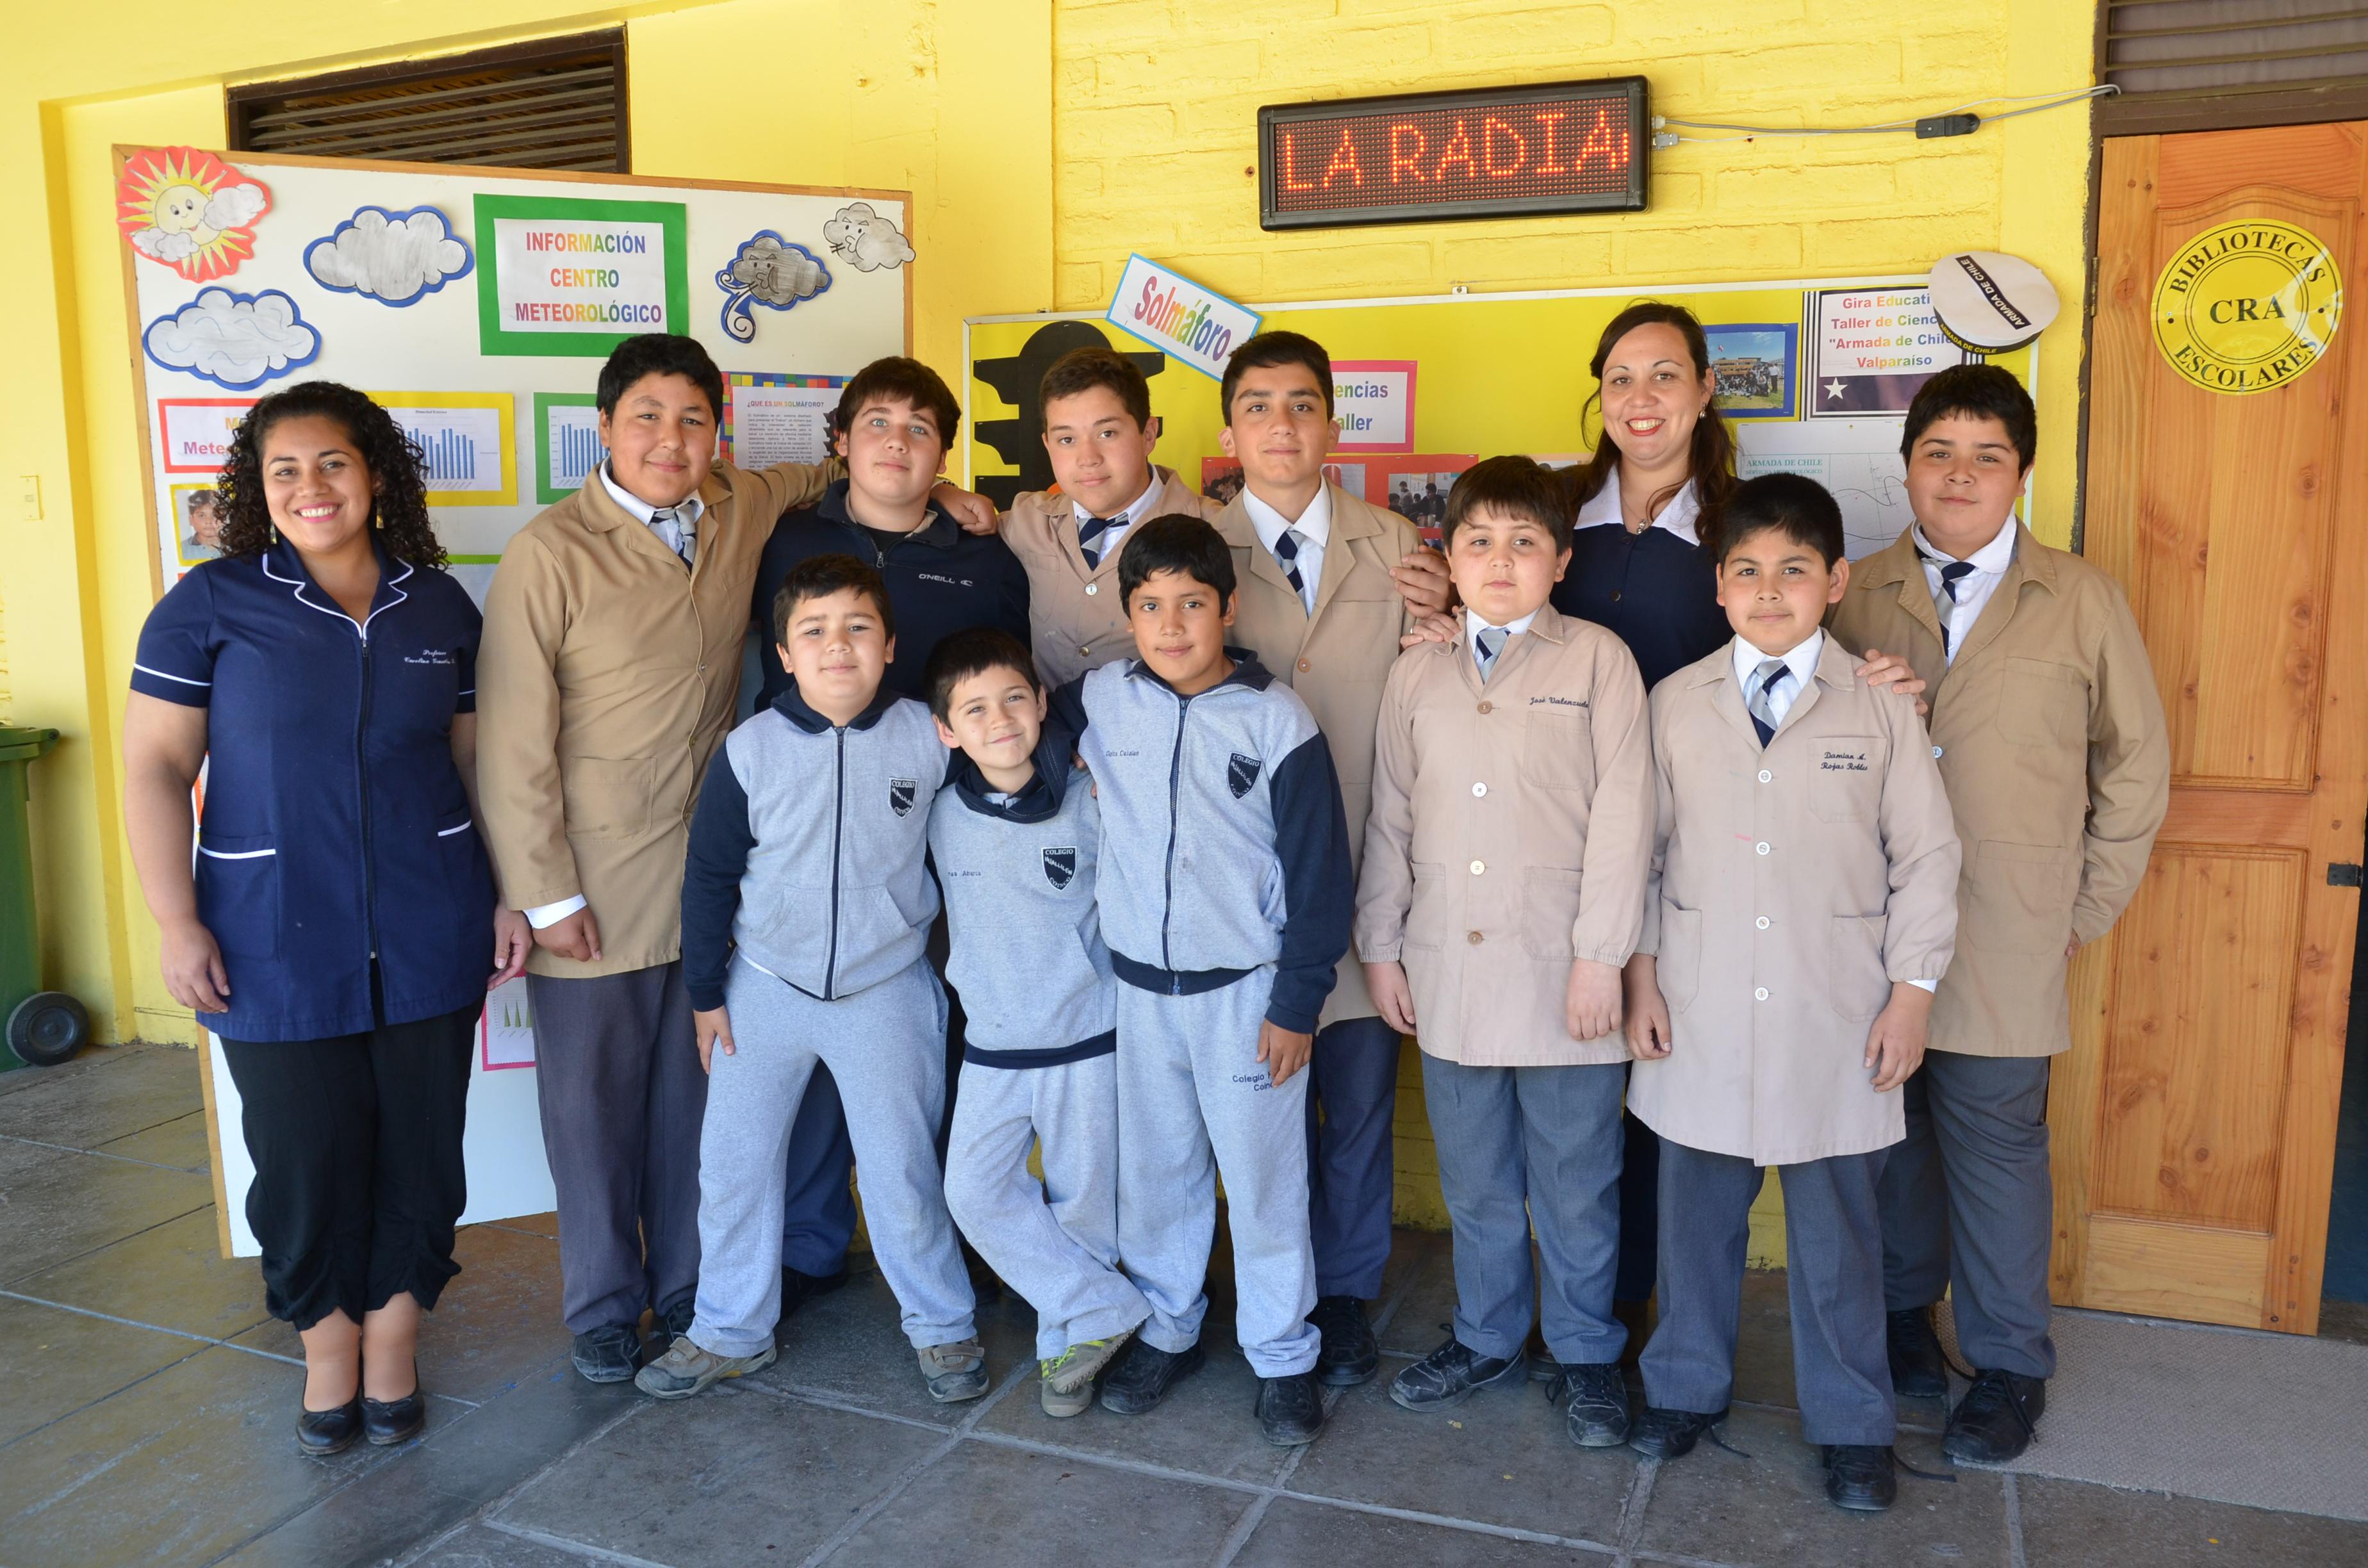 Los alumnos que integran el taller de ciencias junto a las profesoras a cargo, María José Rojas y Carolina González.